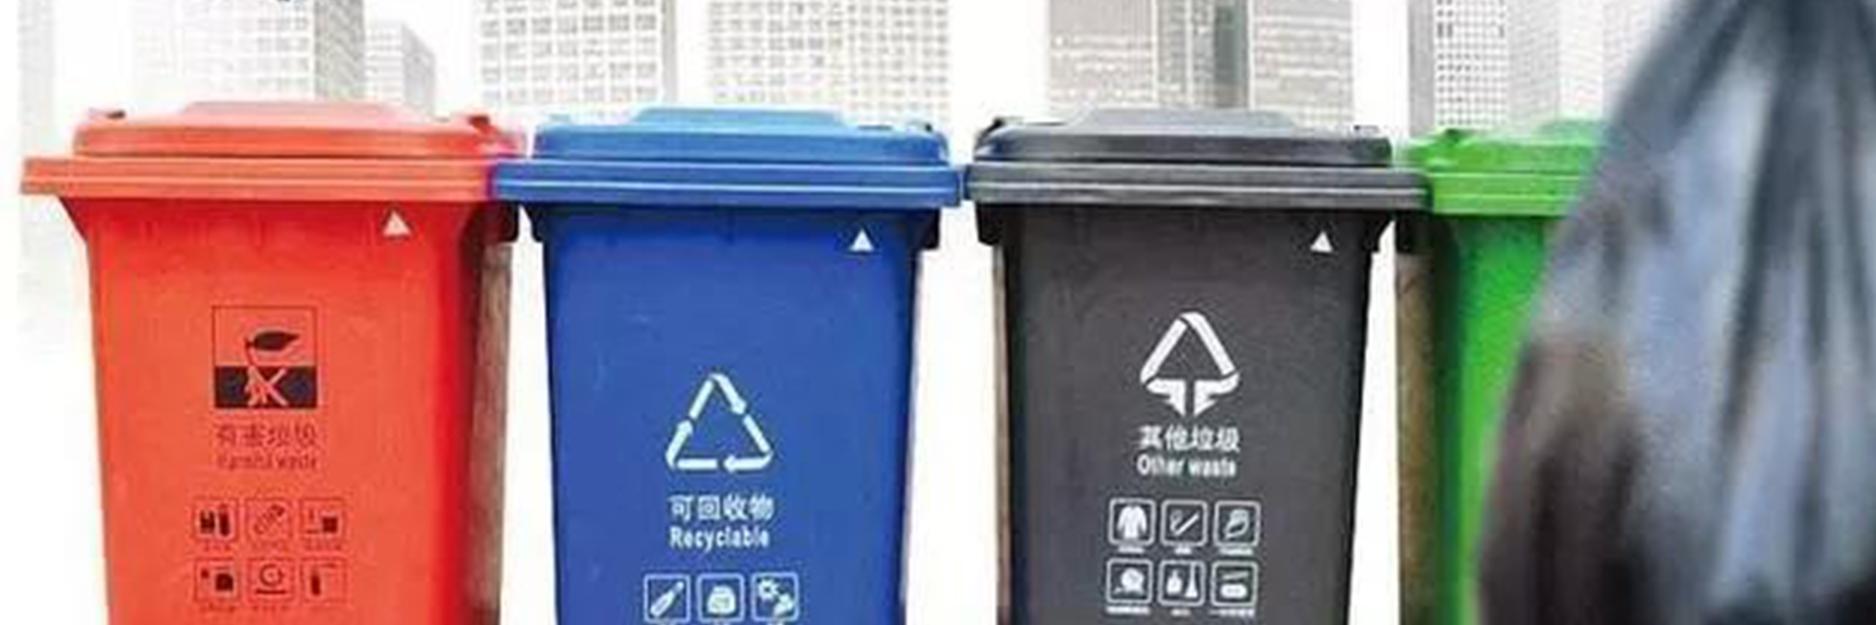 塑料制品行业岂能错过这一个千亿商机!